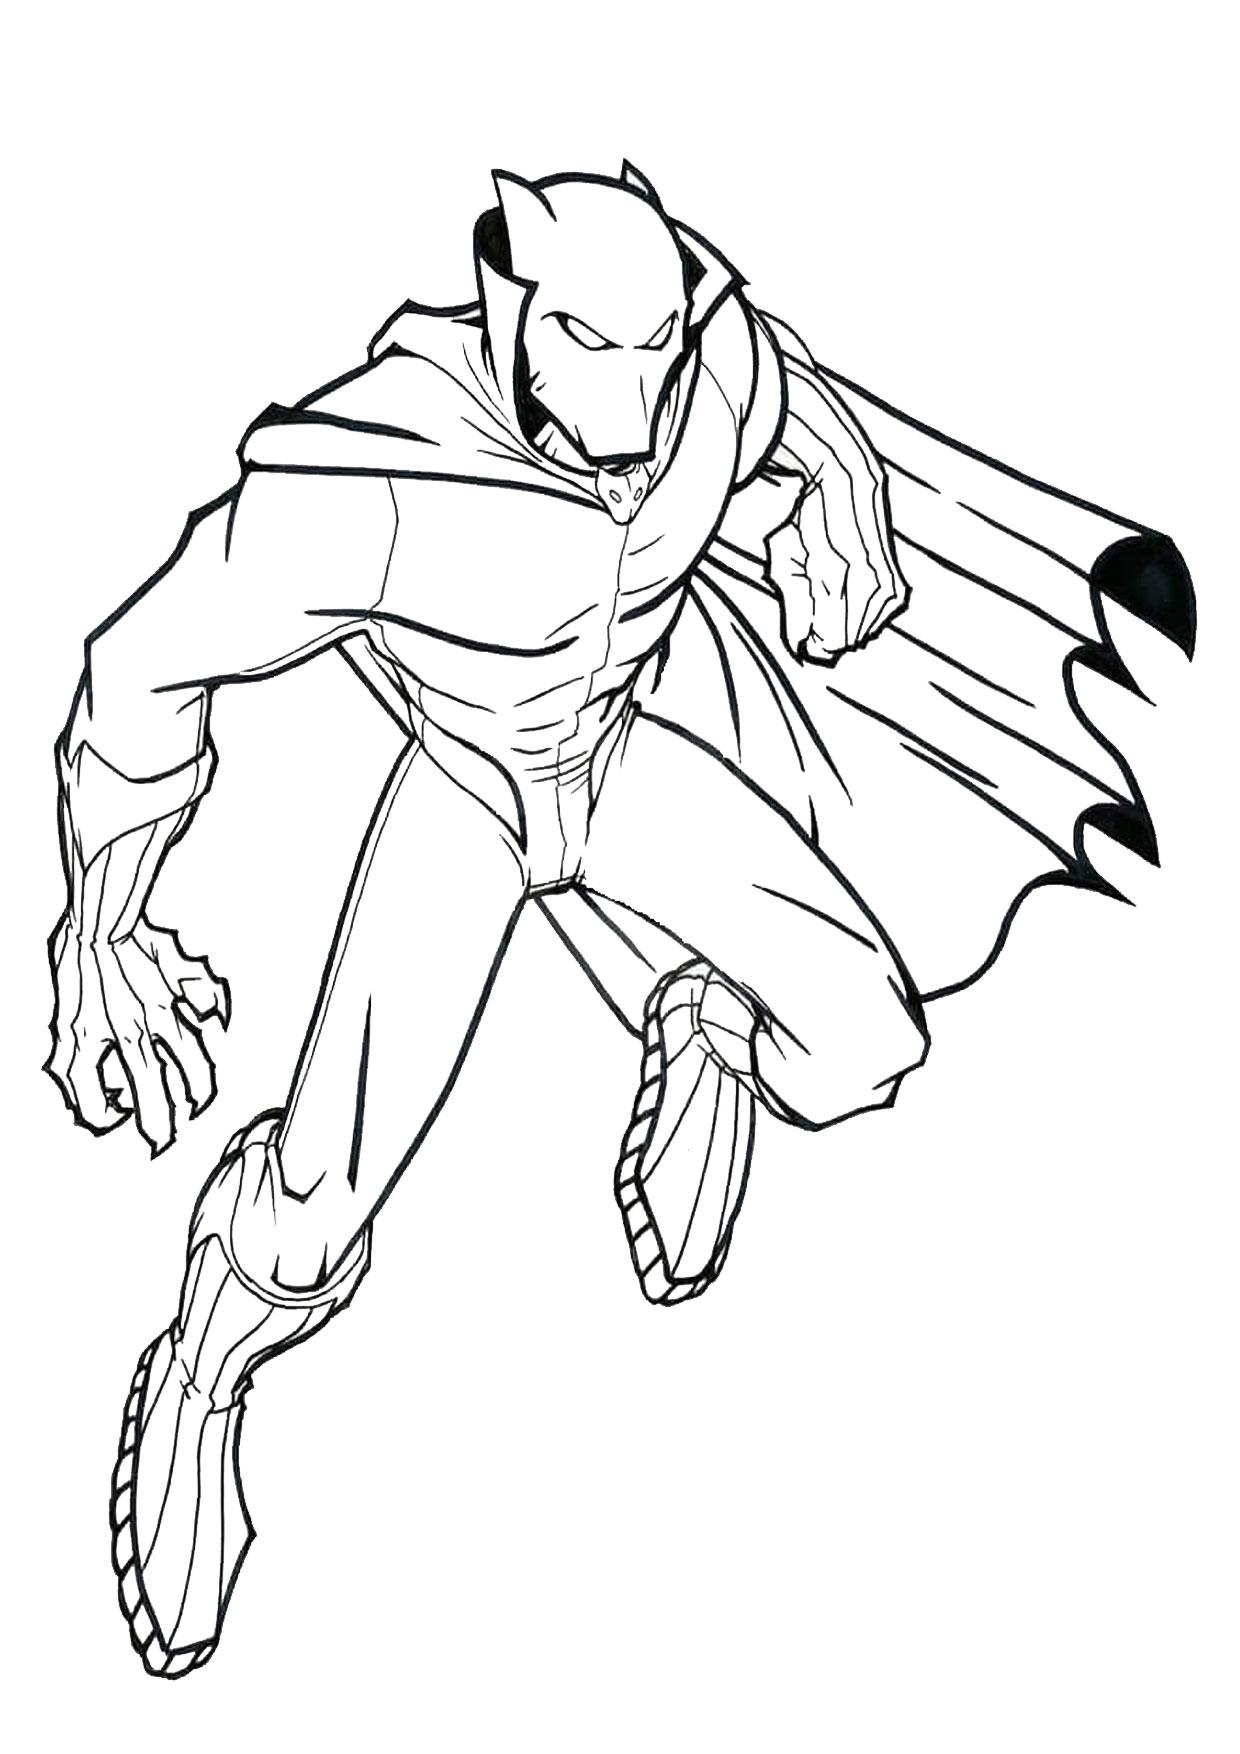 Disegno di Black Panther 03